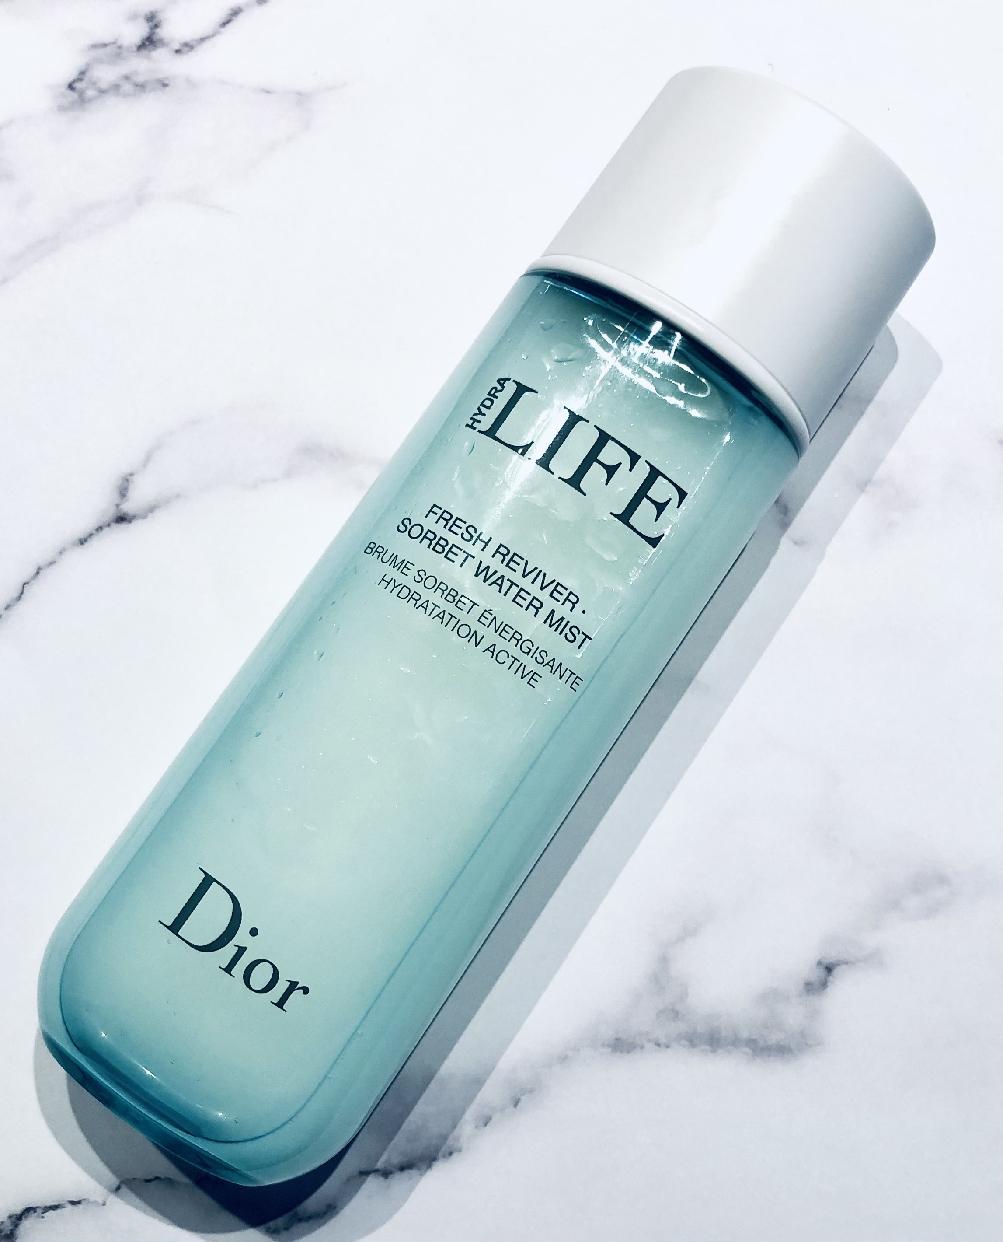 Dior(ディオール) ライフ ソルベ ウォーター ミストを使ったしいちゃんさんのクチコミ画像1